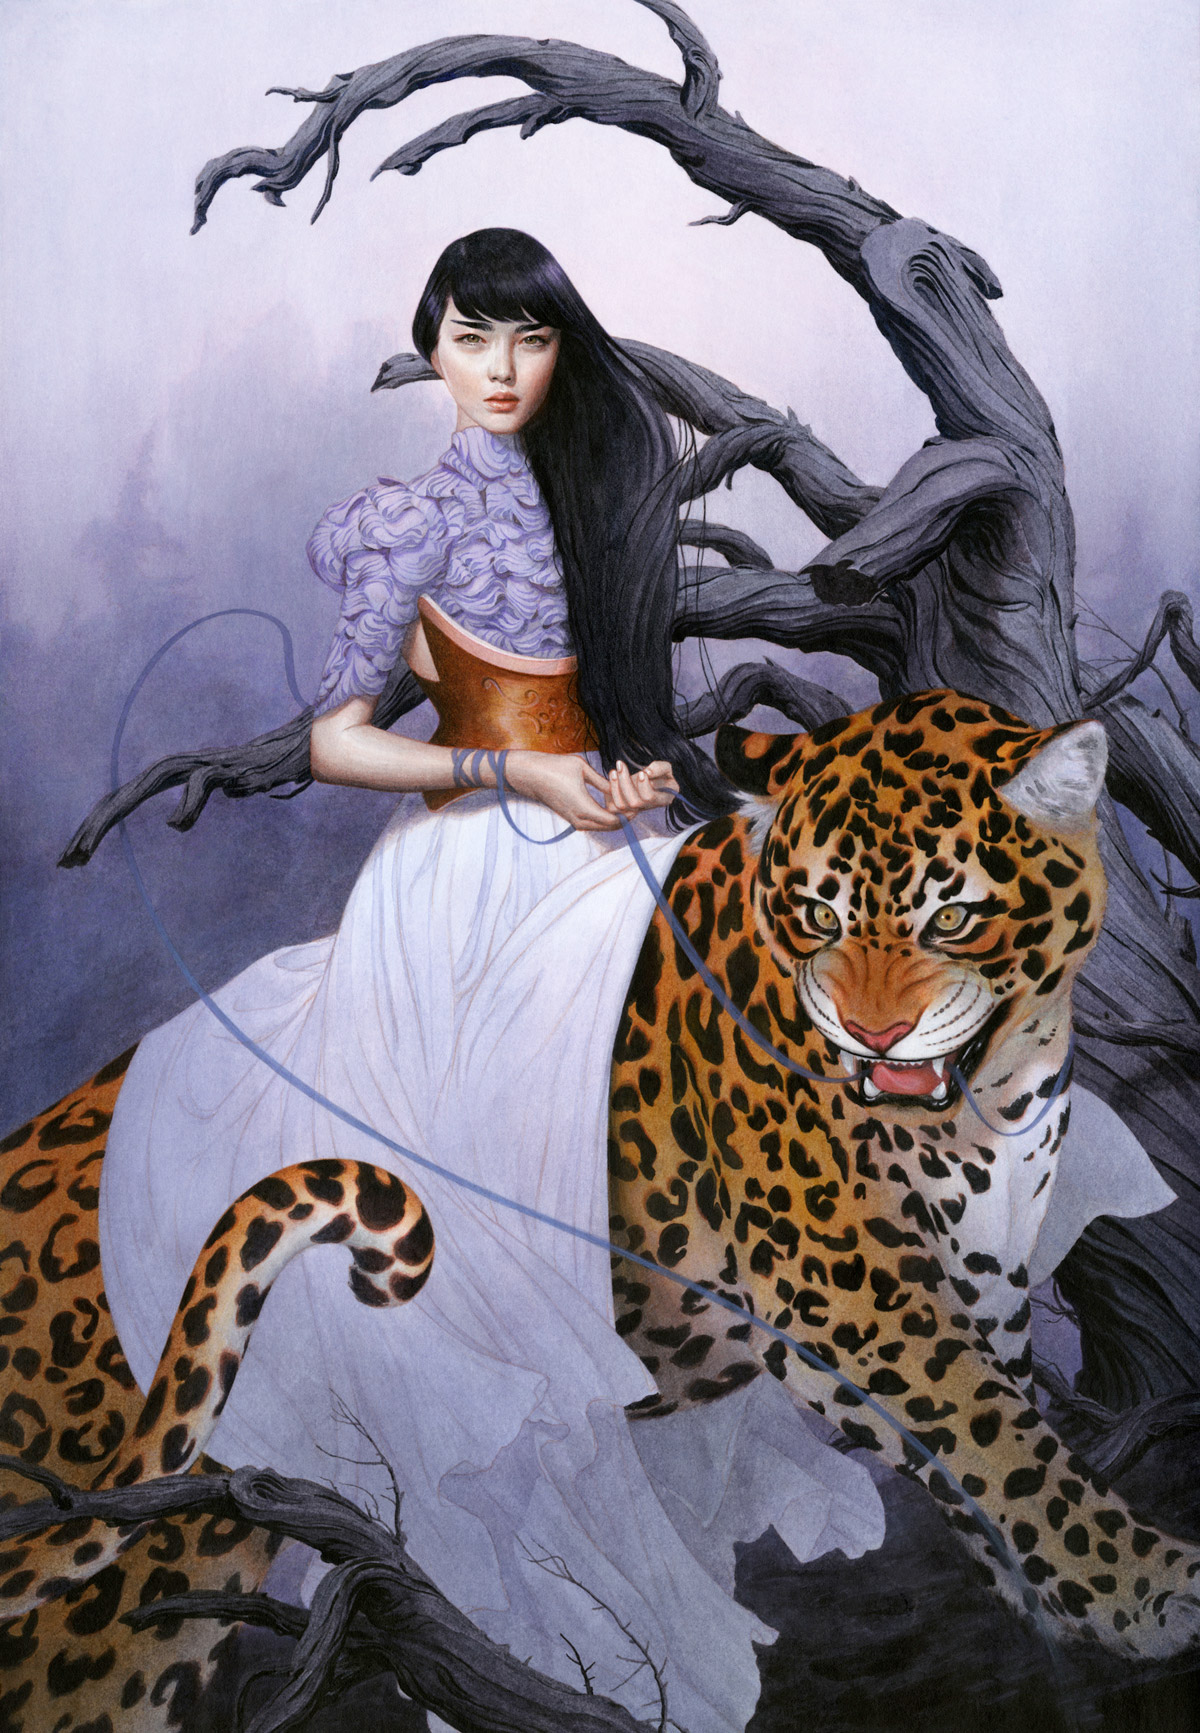 Tran Nguyen